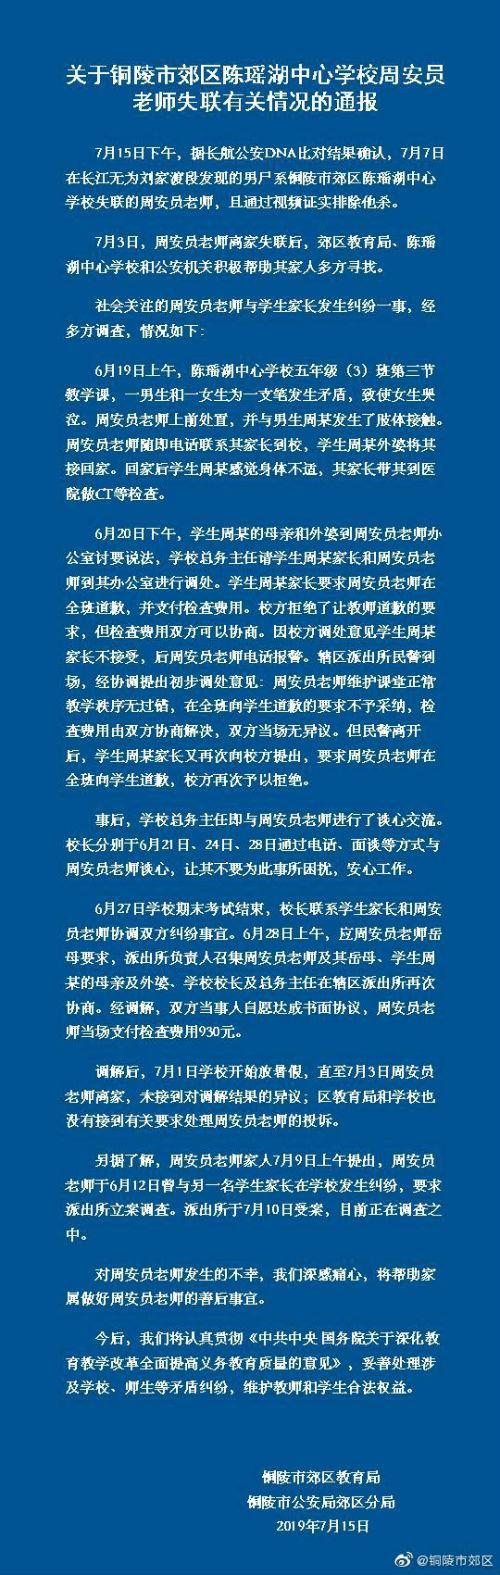 """铜陵警方通报""""教师失联"""":确认死亡 排除他杀"""